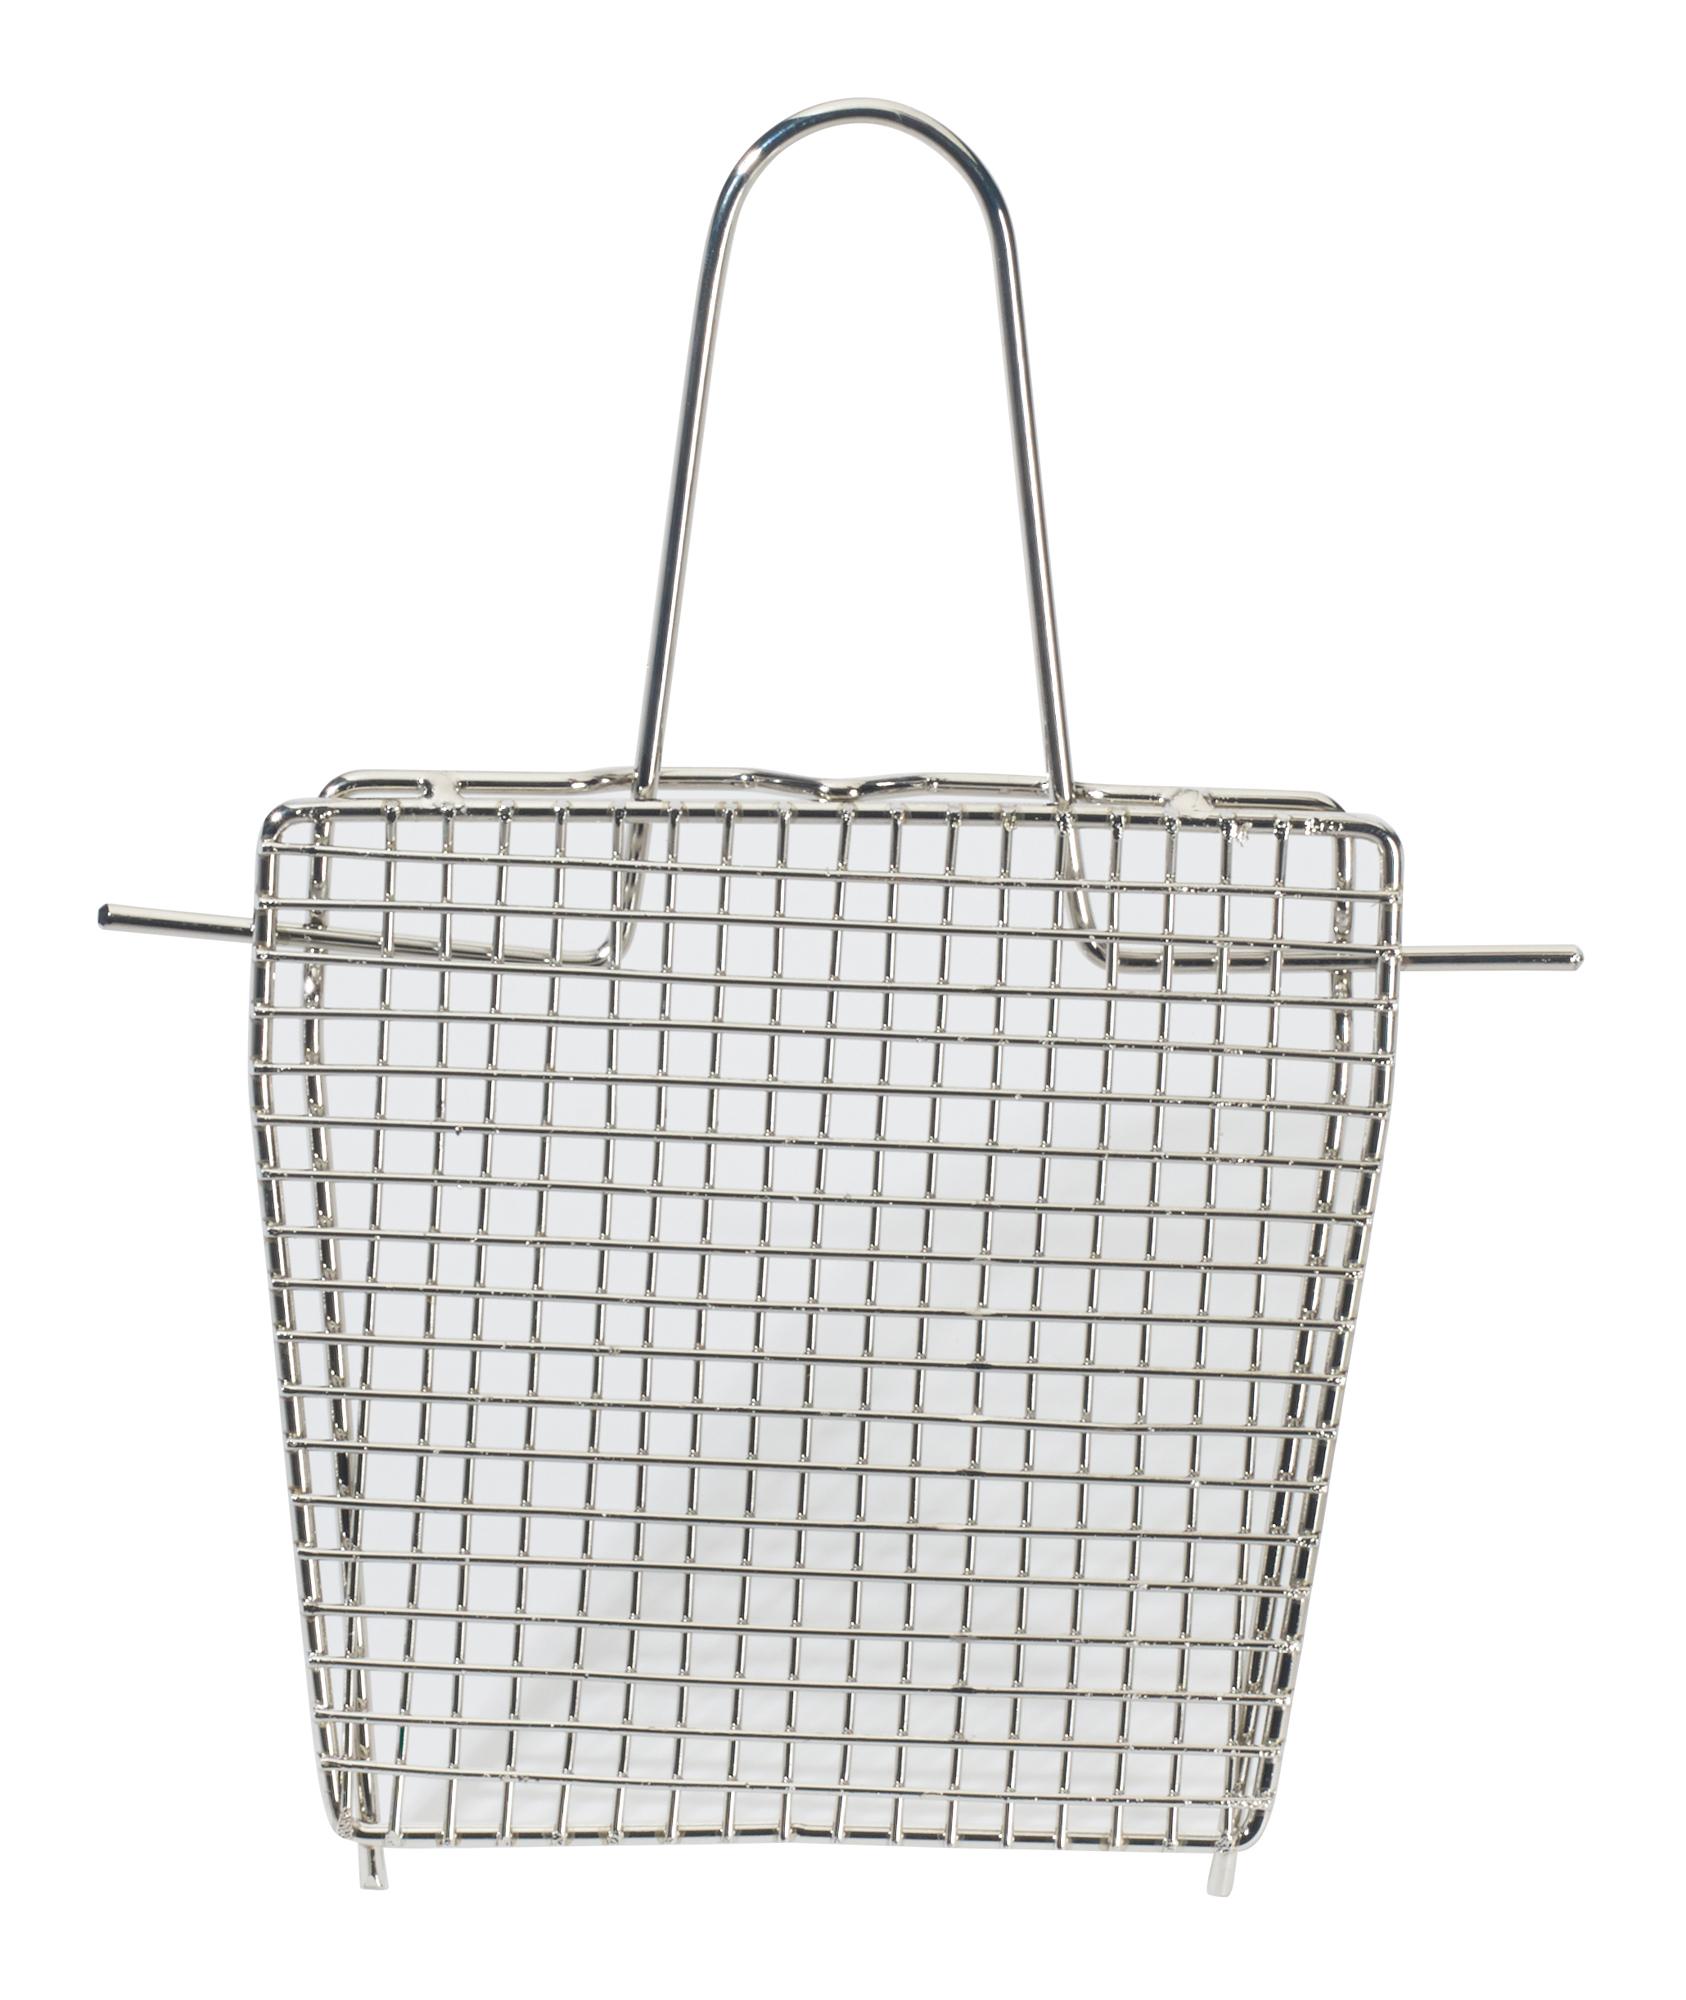 Winco FB-DIV fry baskets